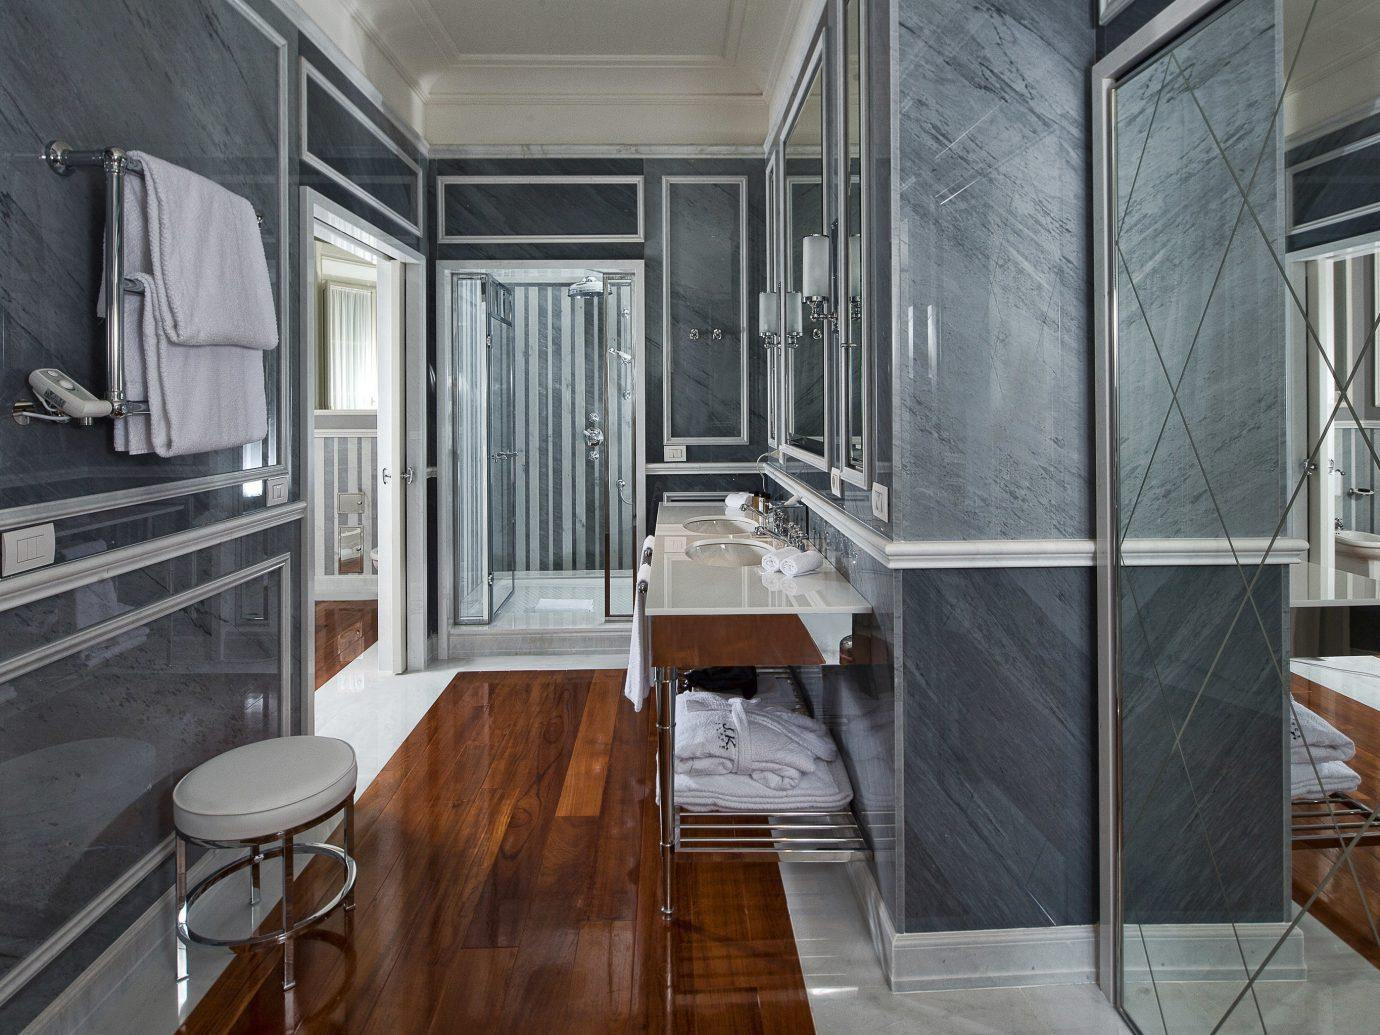 Boutique Hotels Hotels floor indoor room property building house home interior design estate real estate mansion loft cottage flooring apartment furniture